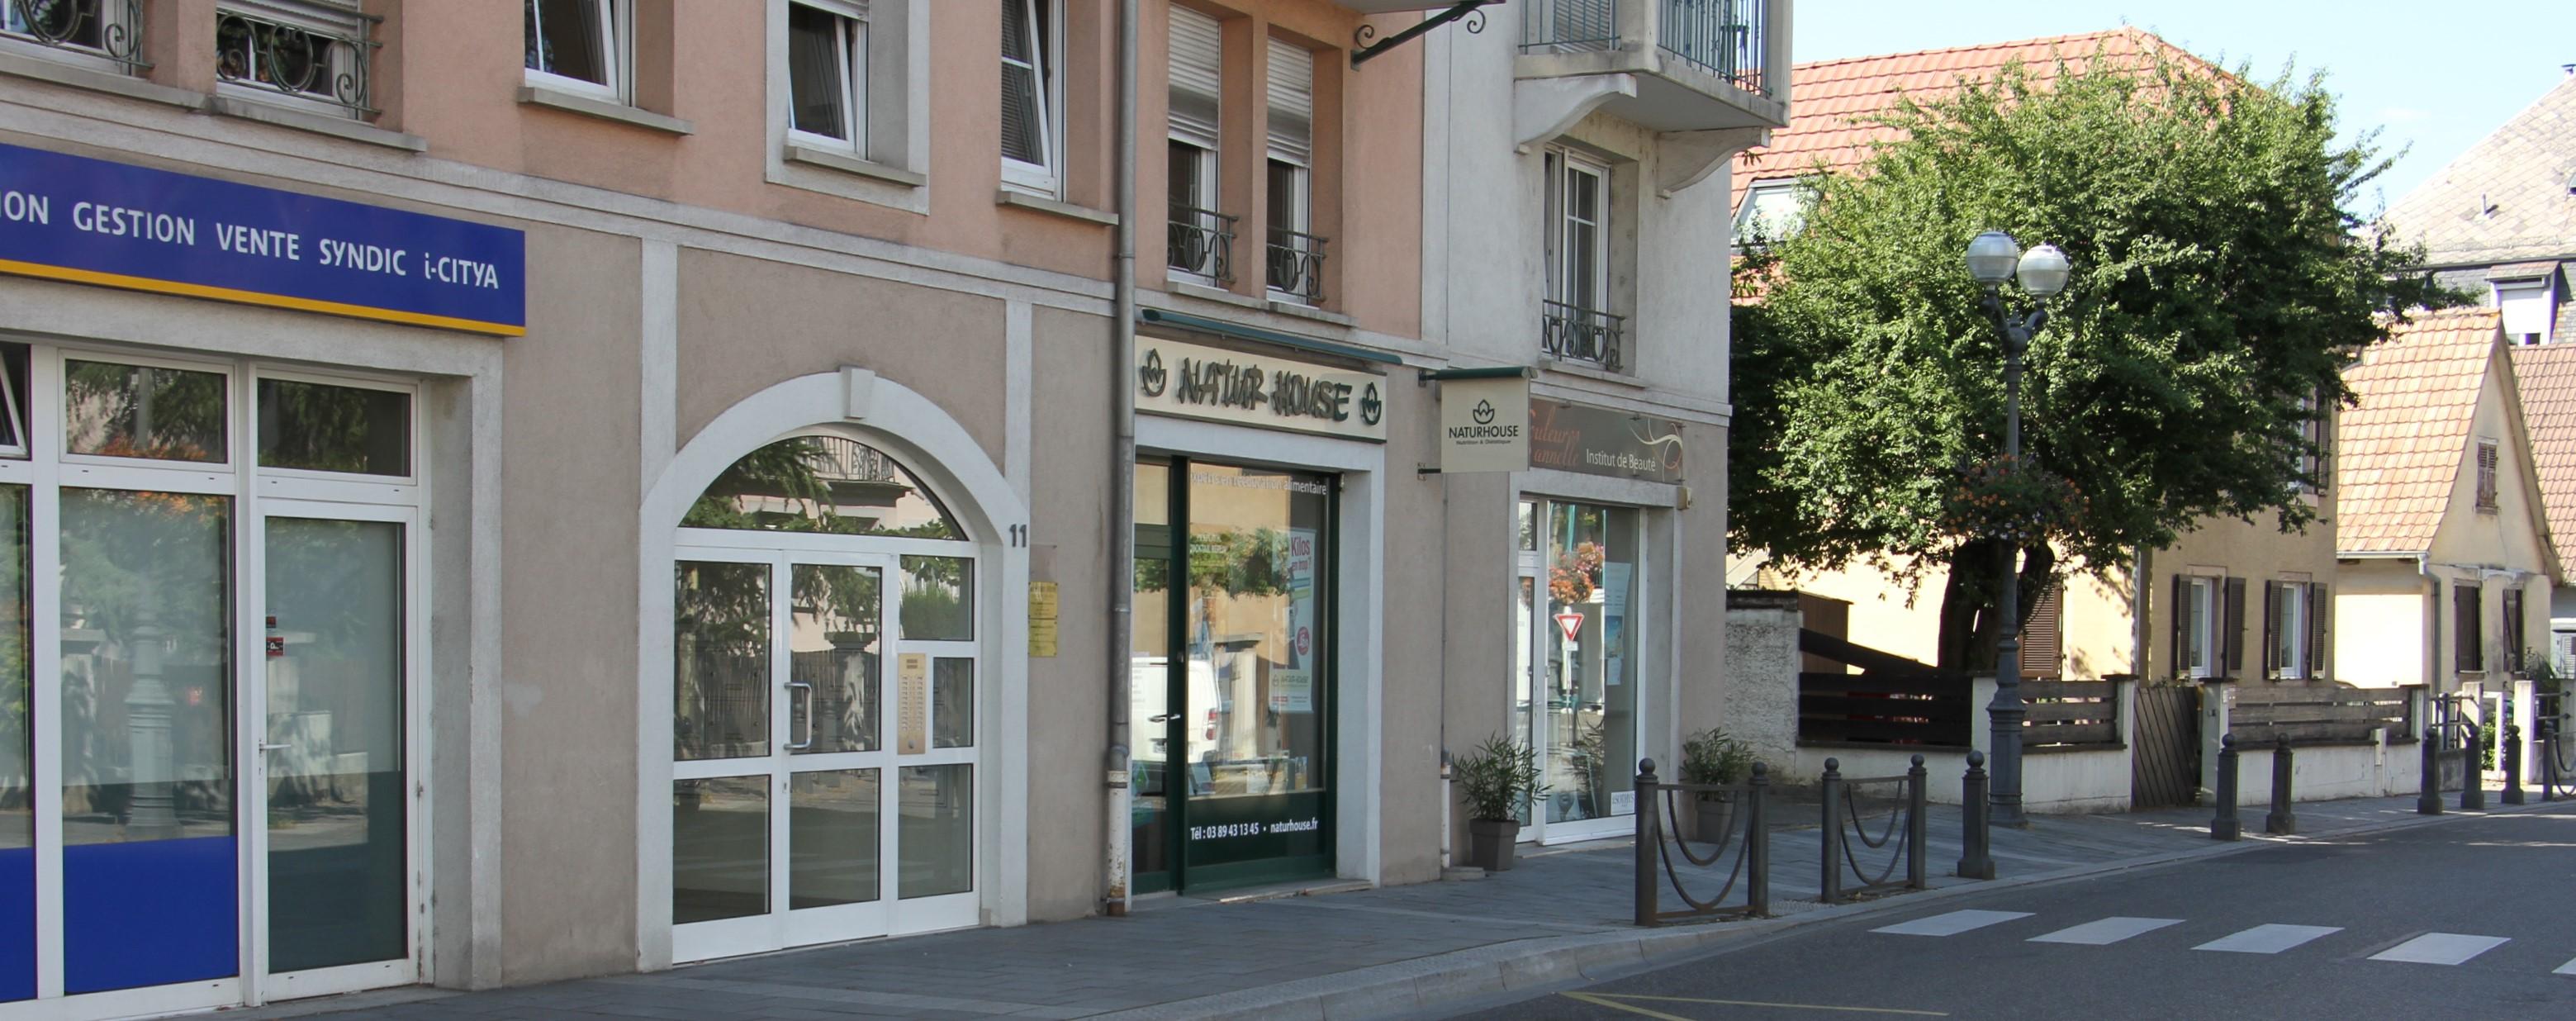 Entrée du cabinet dentaire du Dr Ebner, à Riedisheim